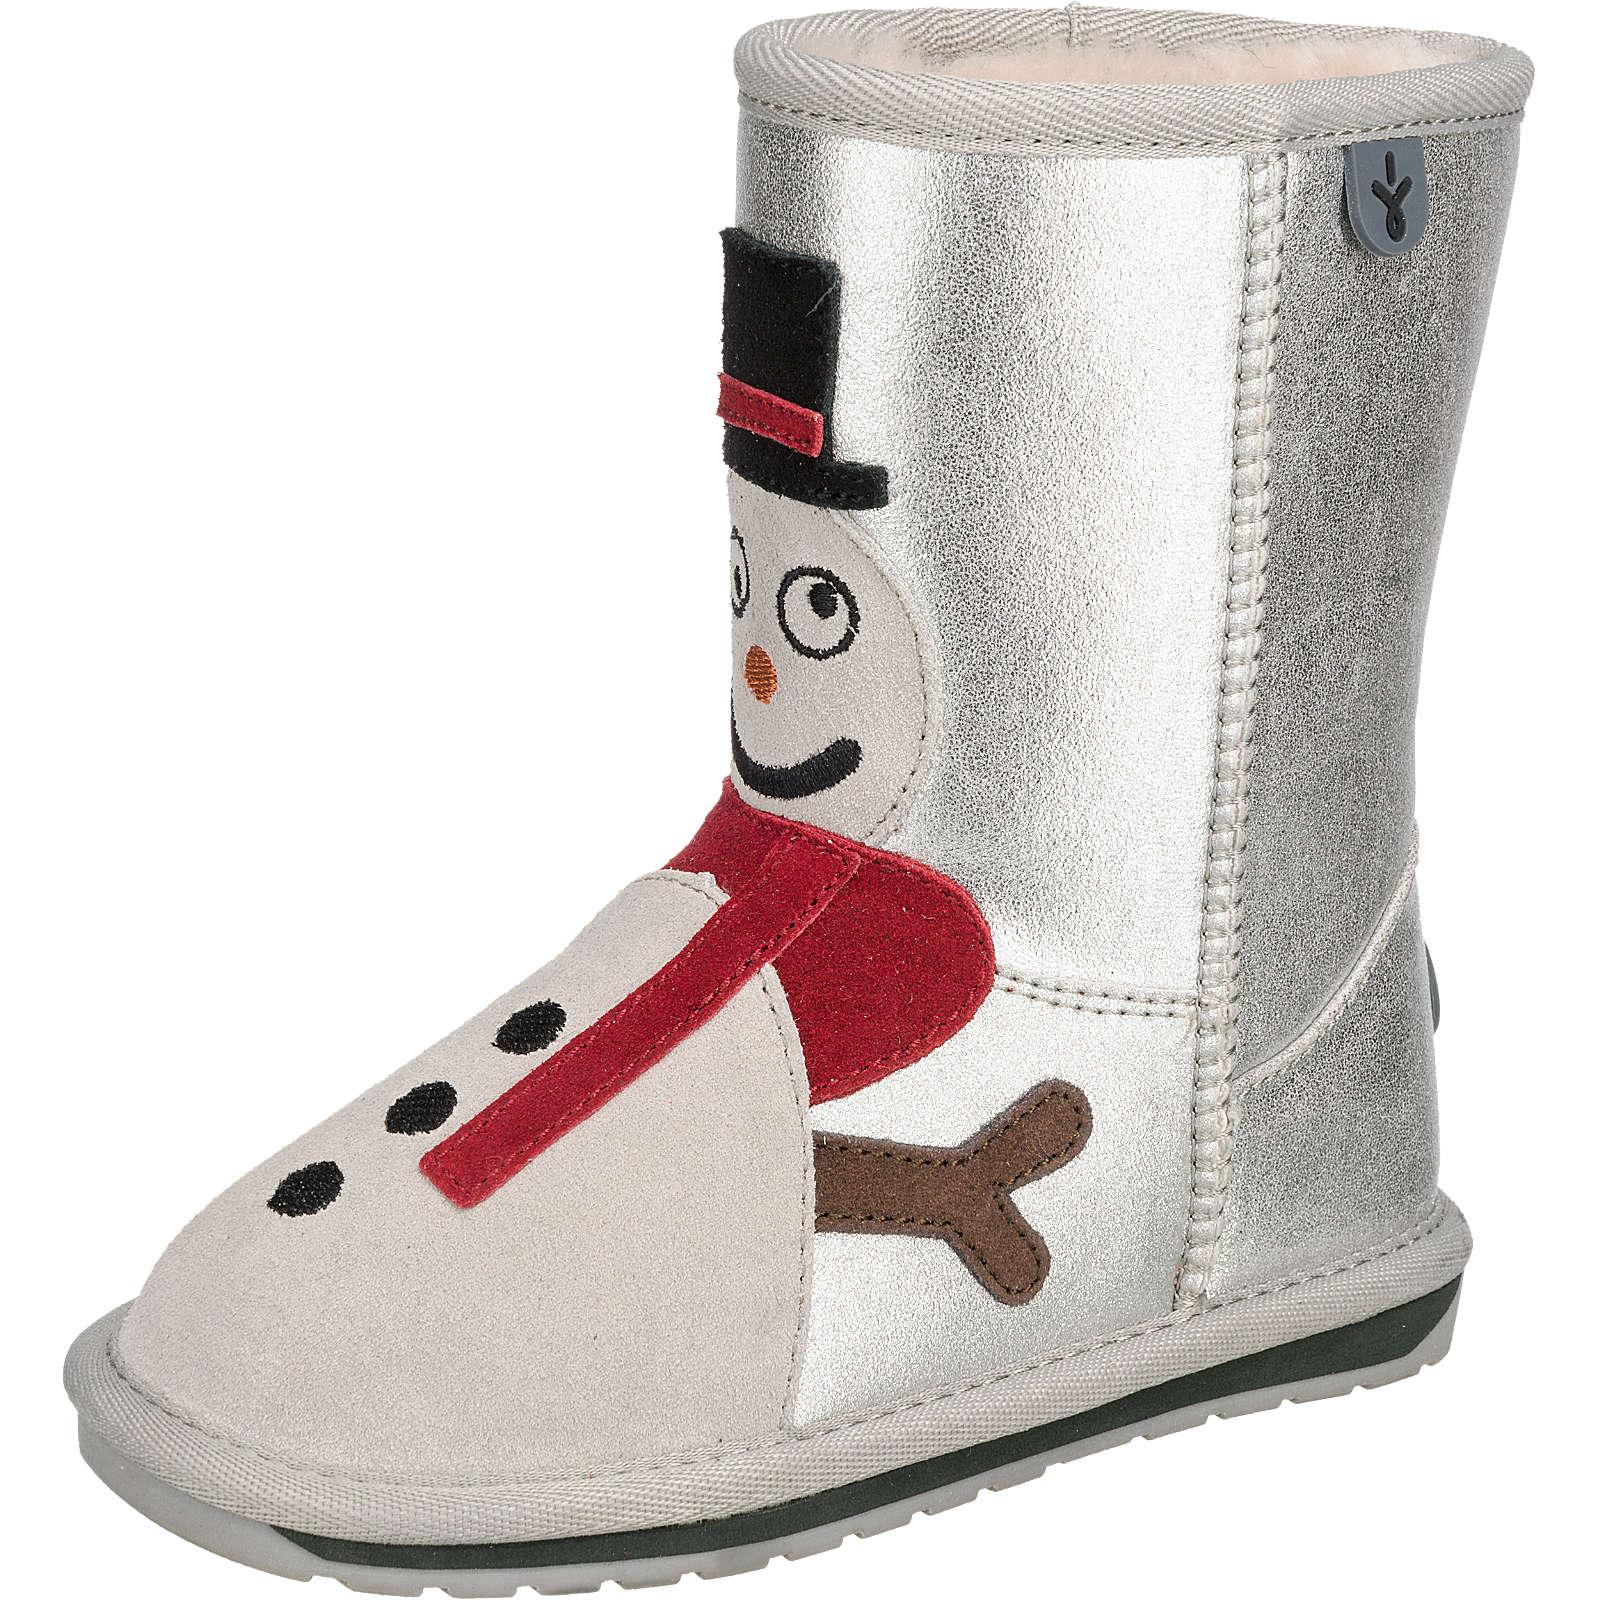 EMU Australia Winterstiefel Snowman Gr. 33/34 Mädchen Kinder jetztbilligerkaufen